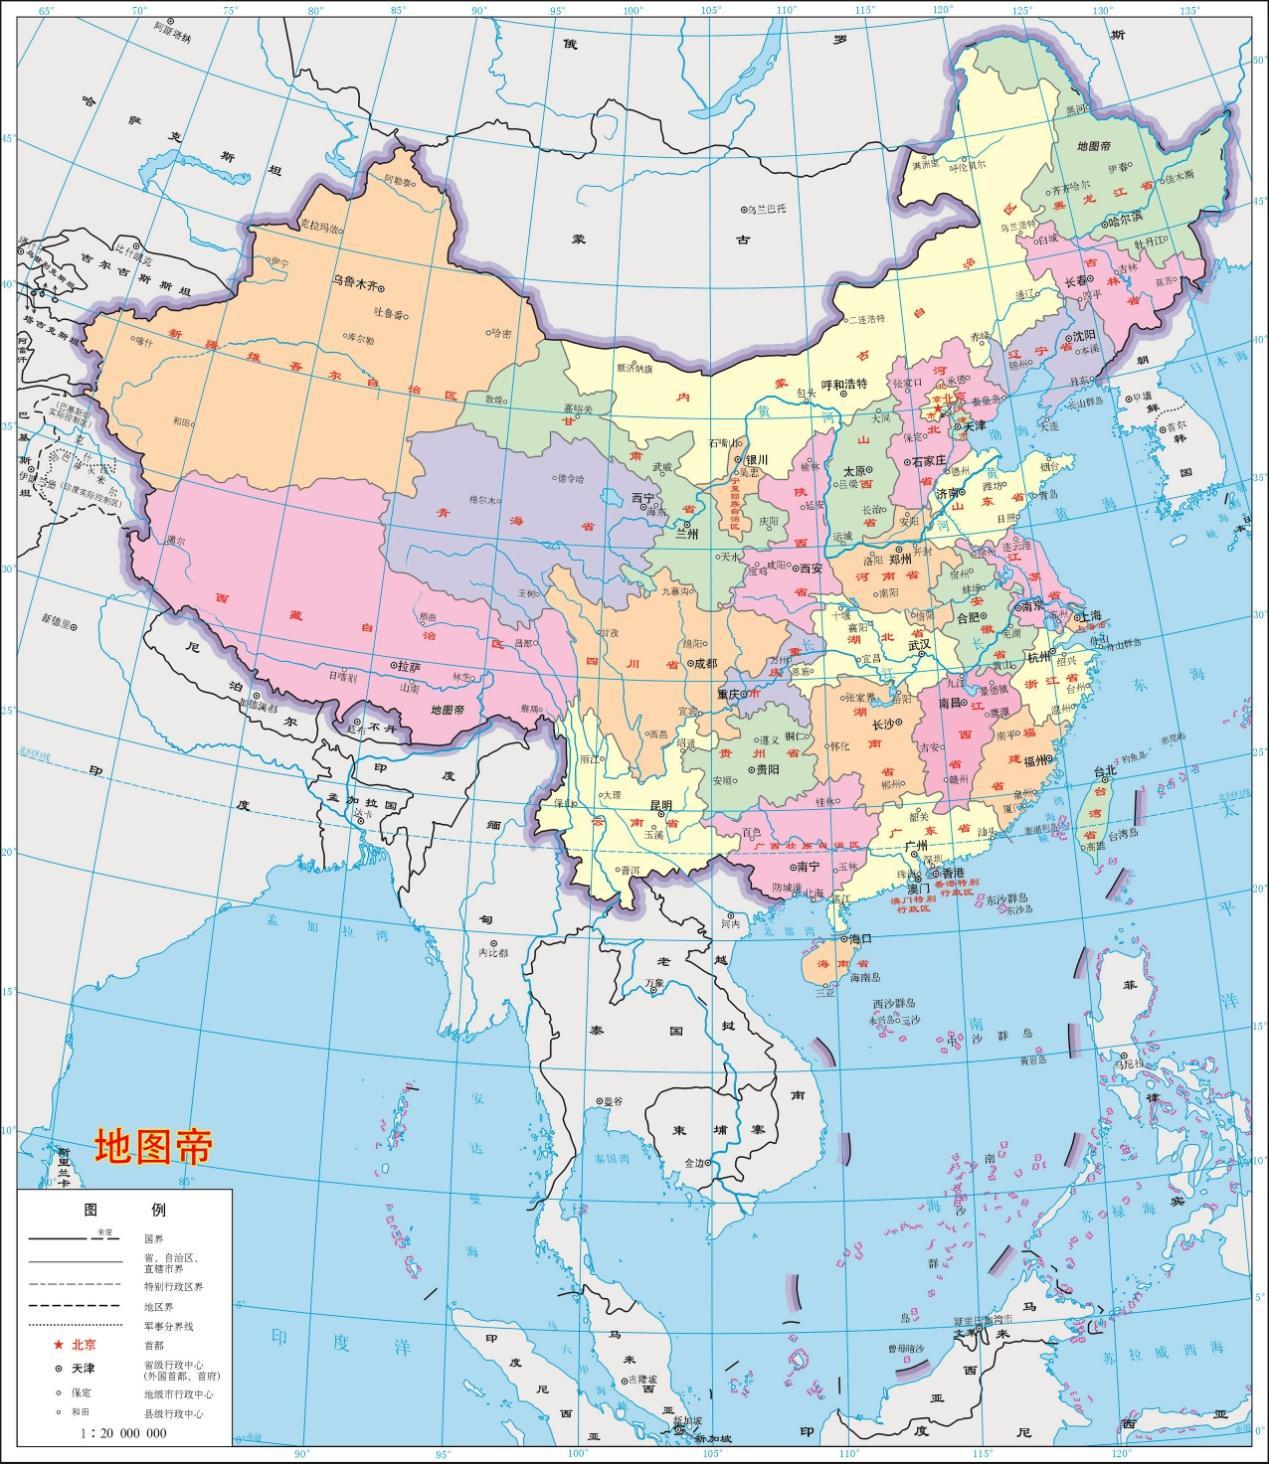 人口最少的省级行政区_中国人口数量最少的十个省级行政区盘点